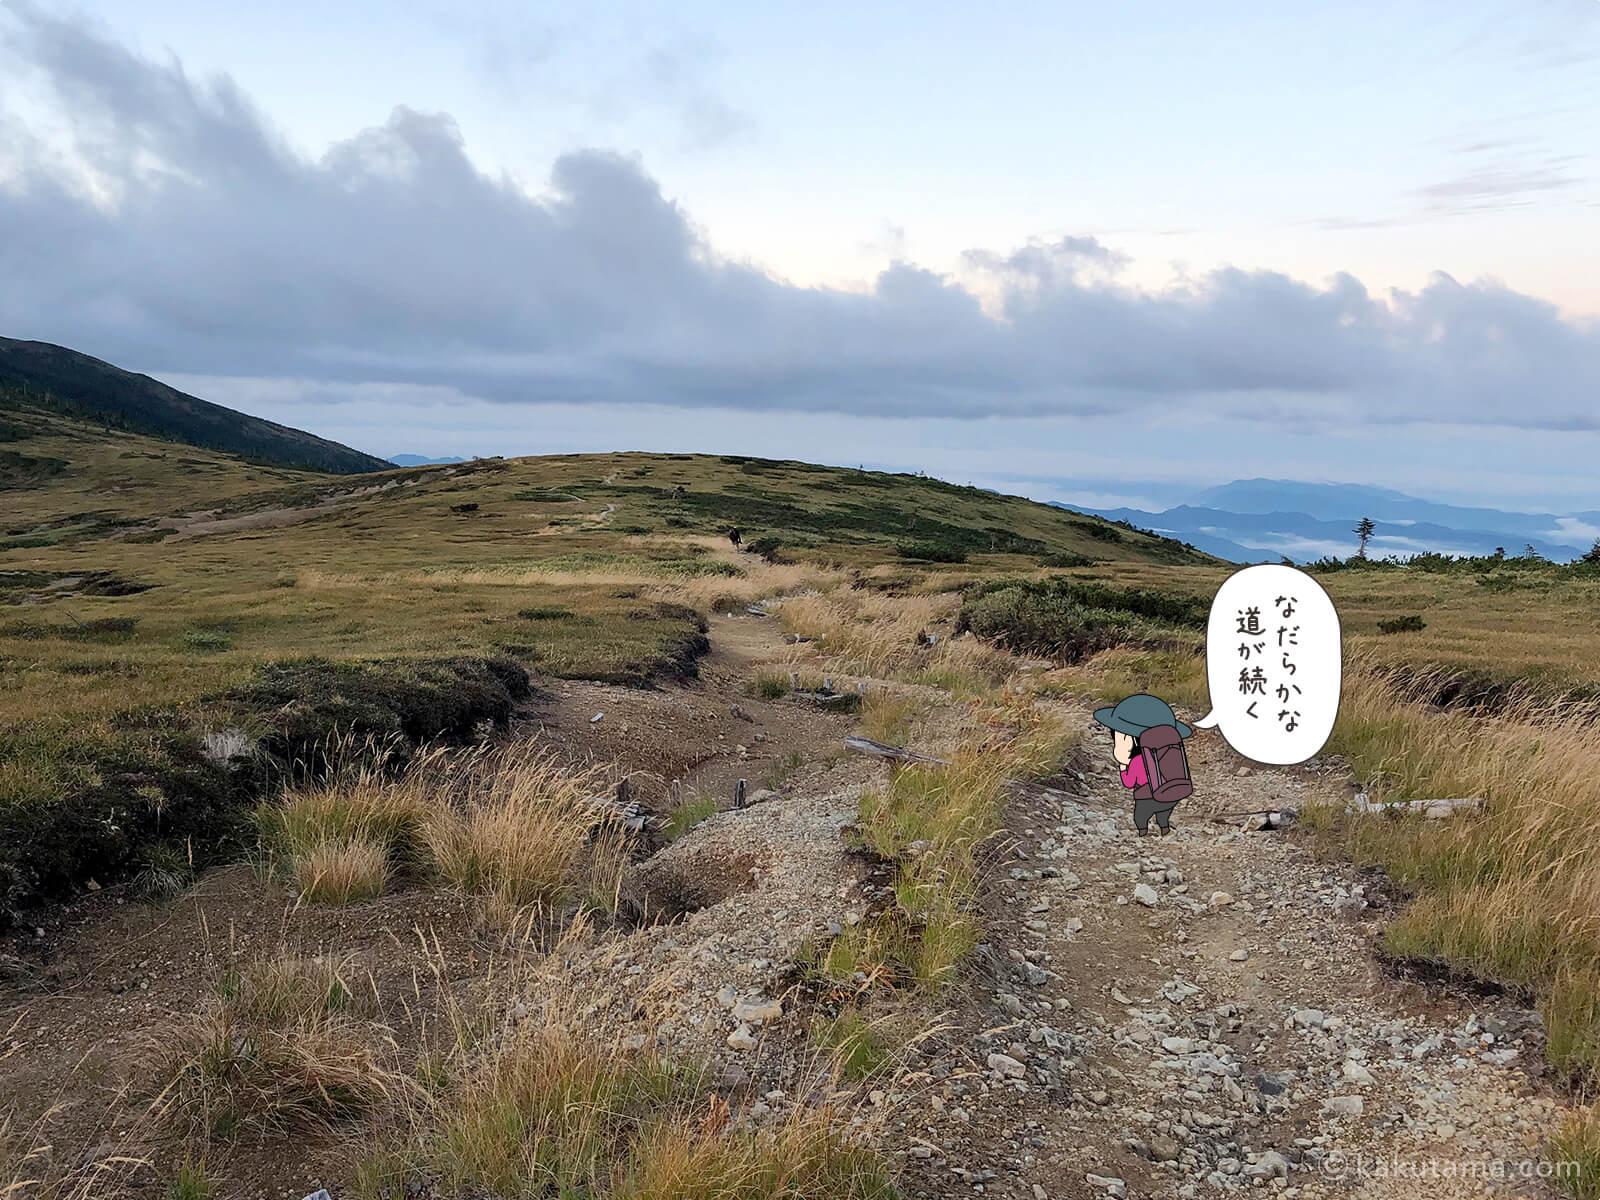 太郎山分岐からの登山道1